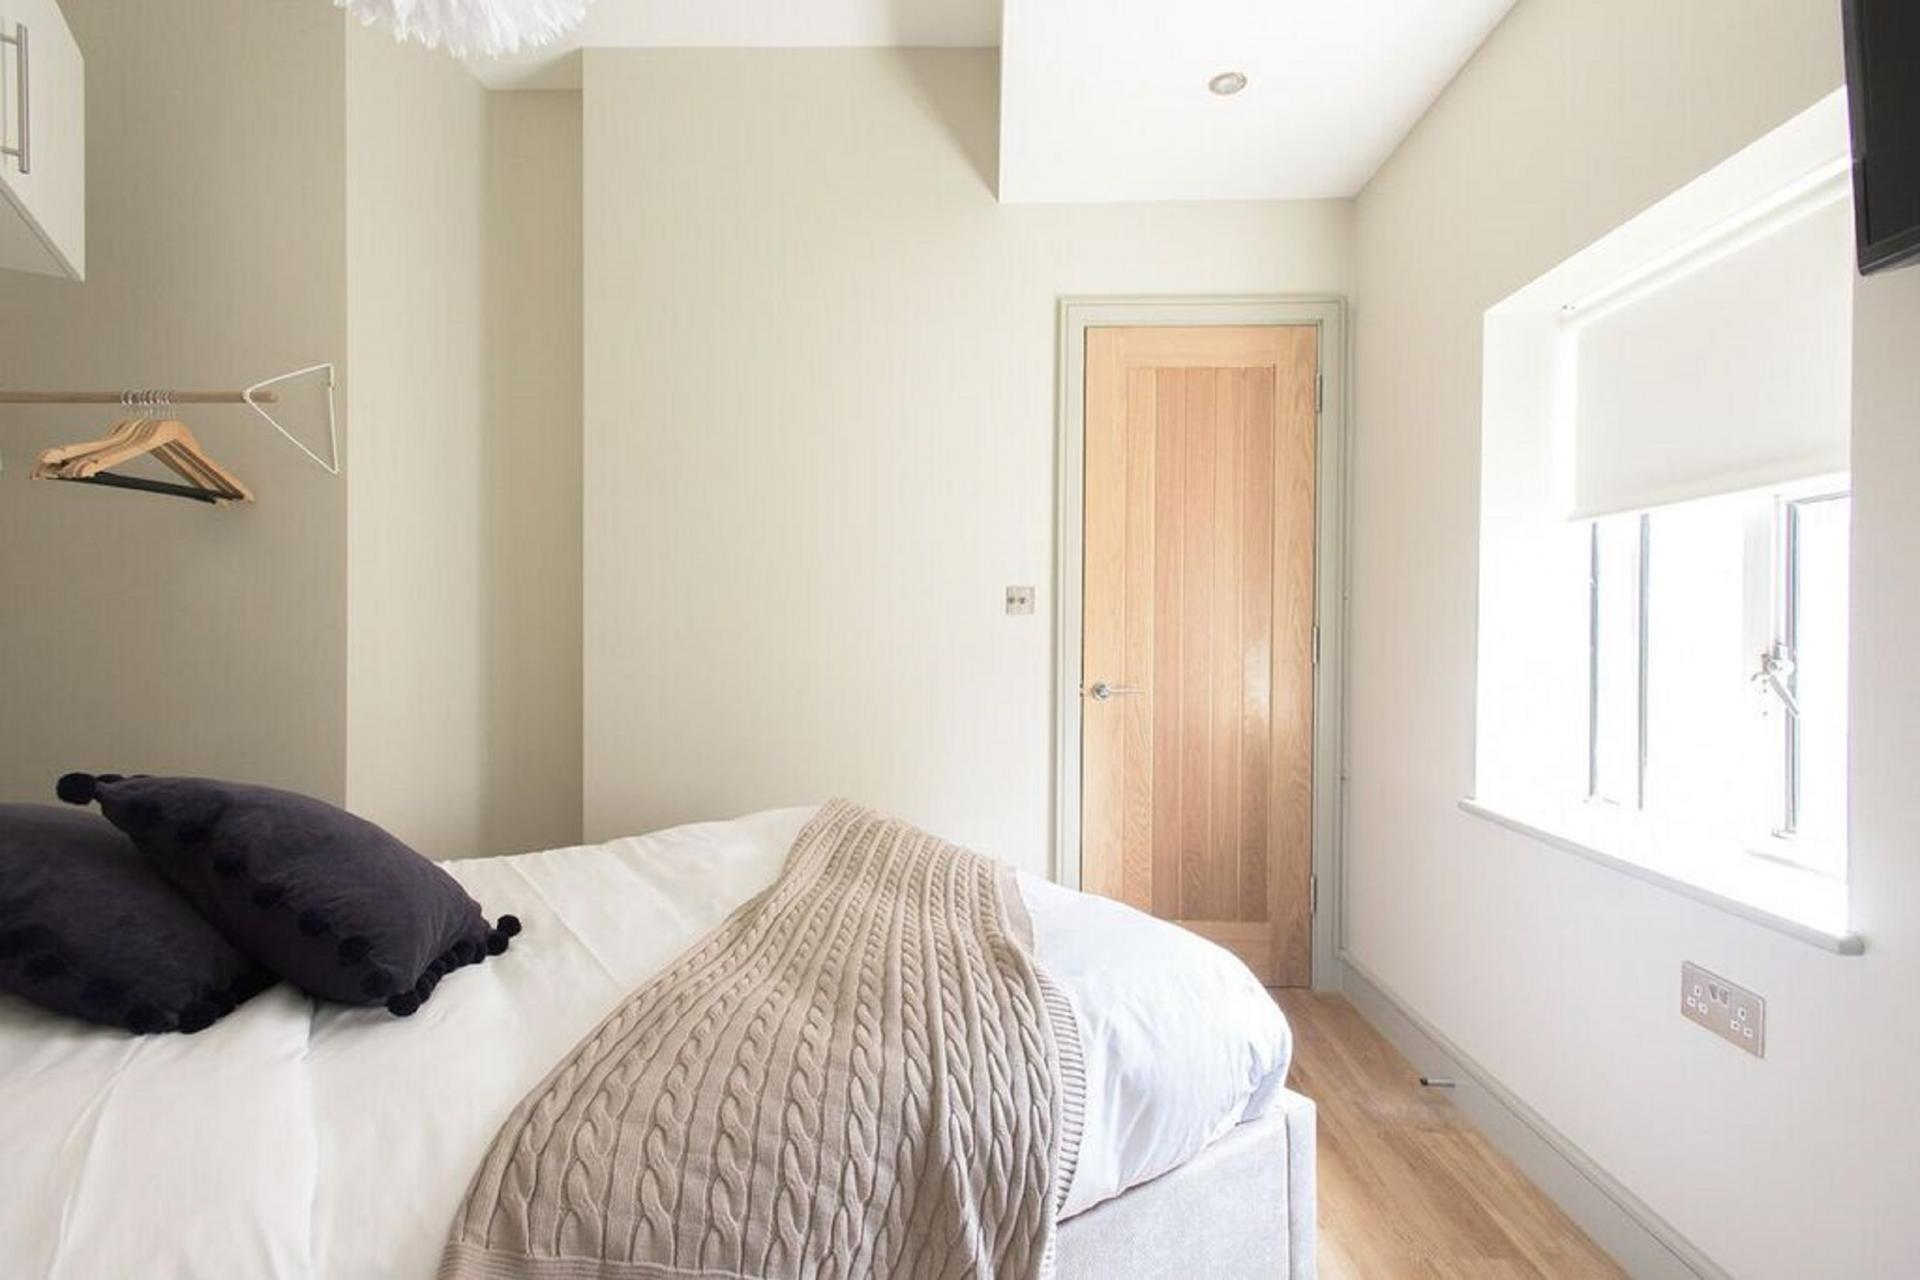 Bedroom layout at The Soho Loft, Mayfair, London